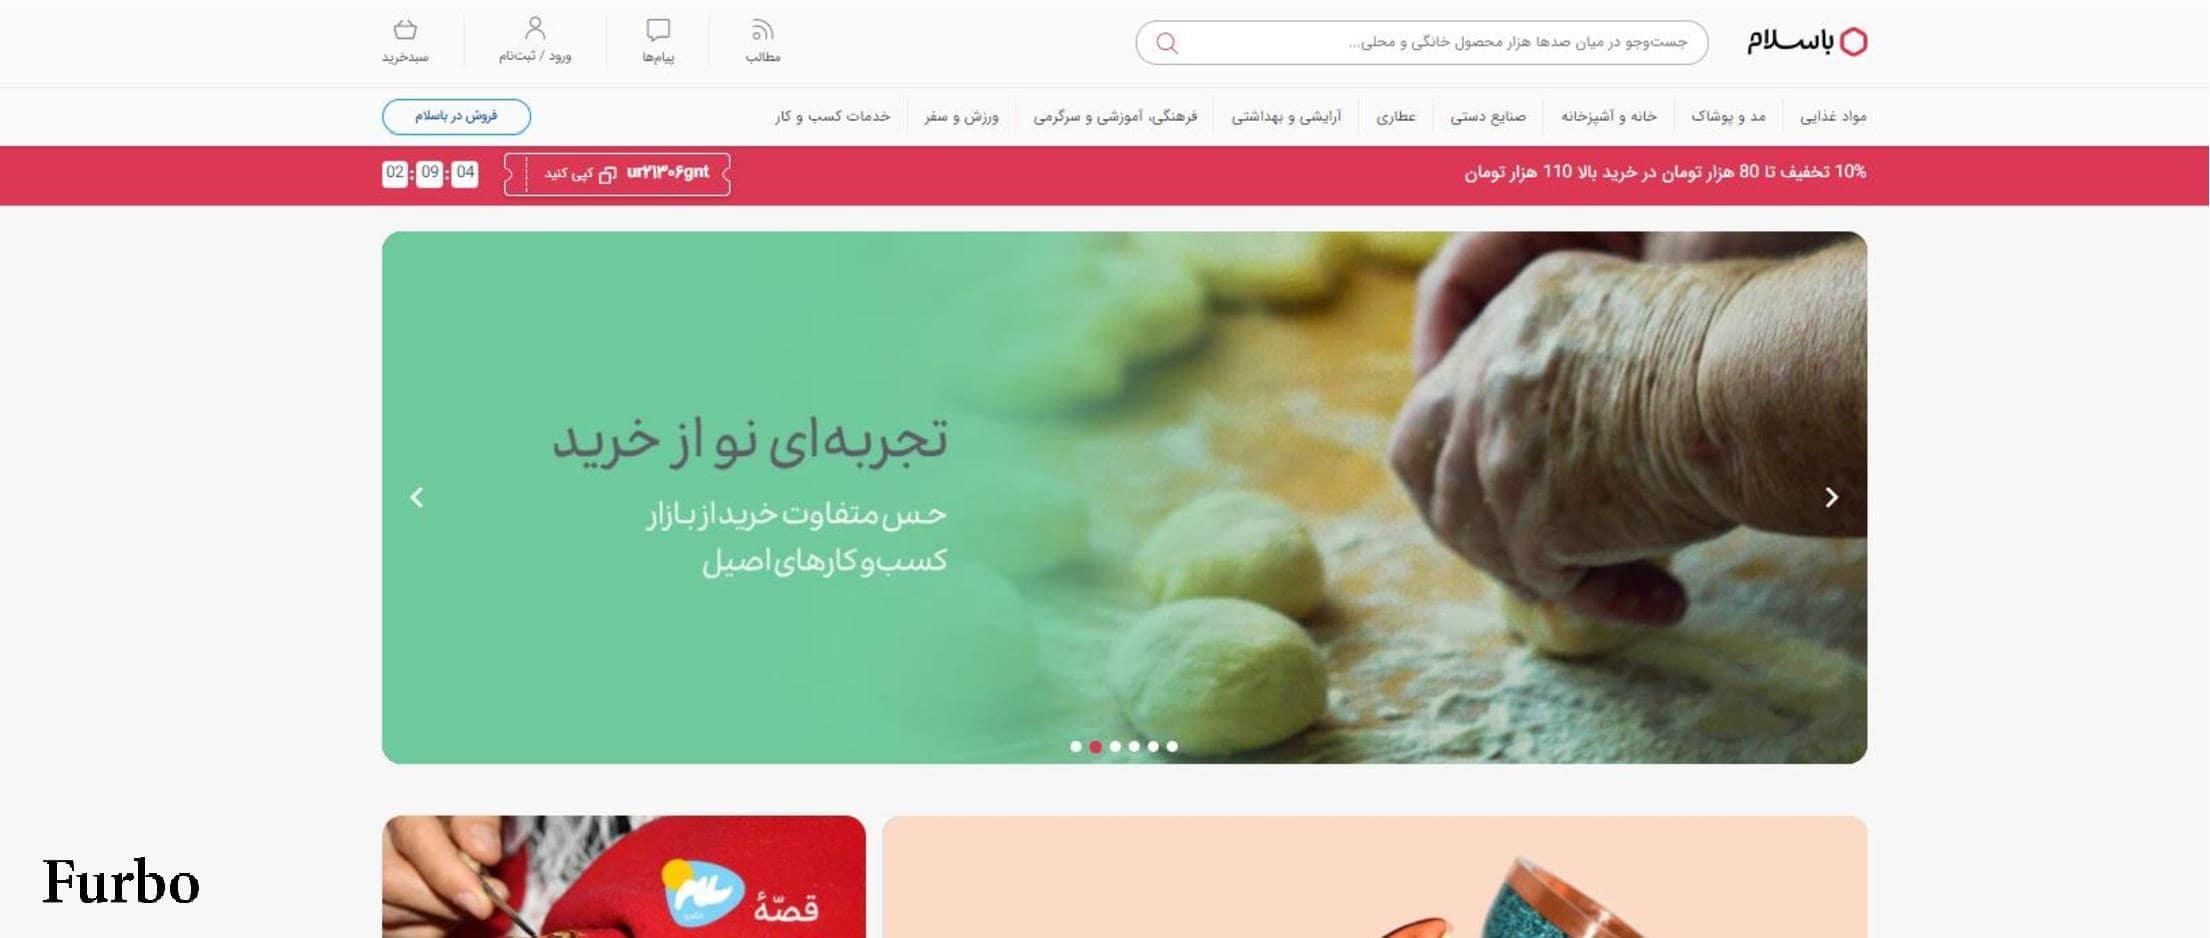 فروش آنلاین در با سلام